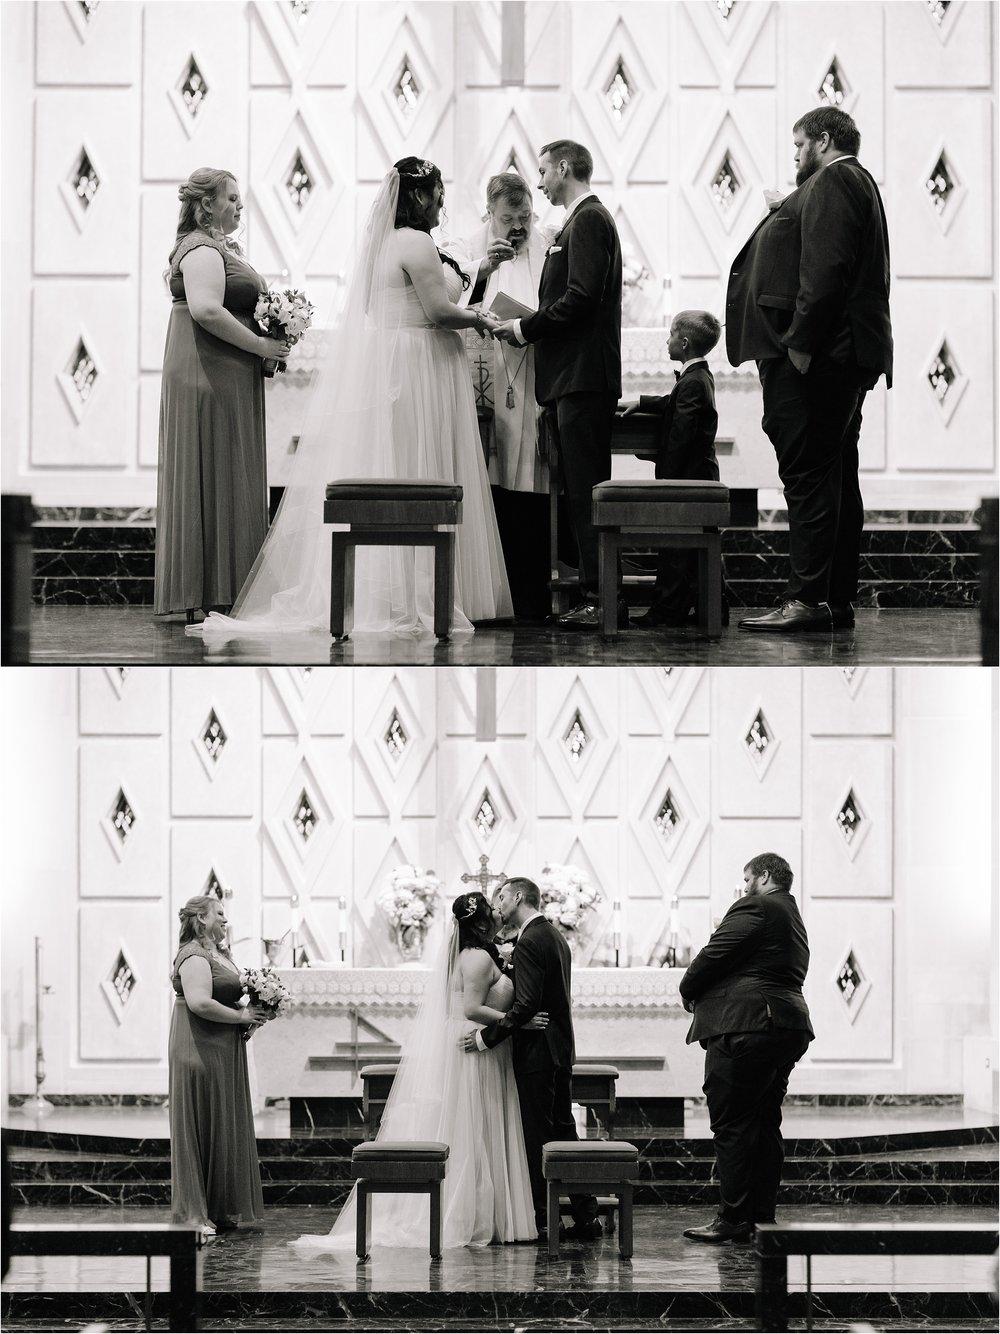 Chicago-Marriott-Schaumburg-Wedding-64.jpg